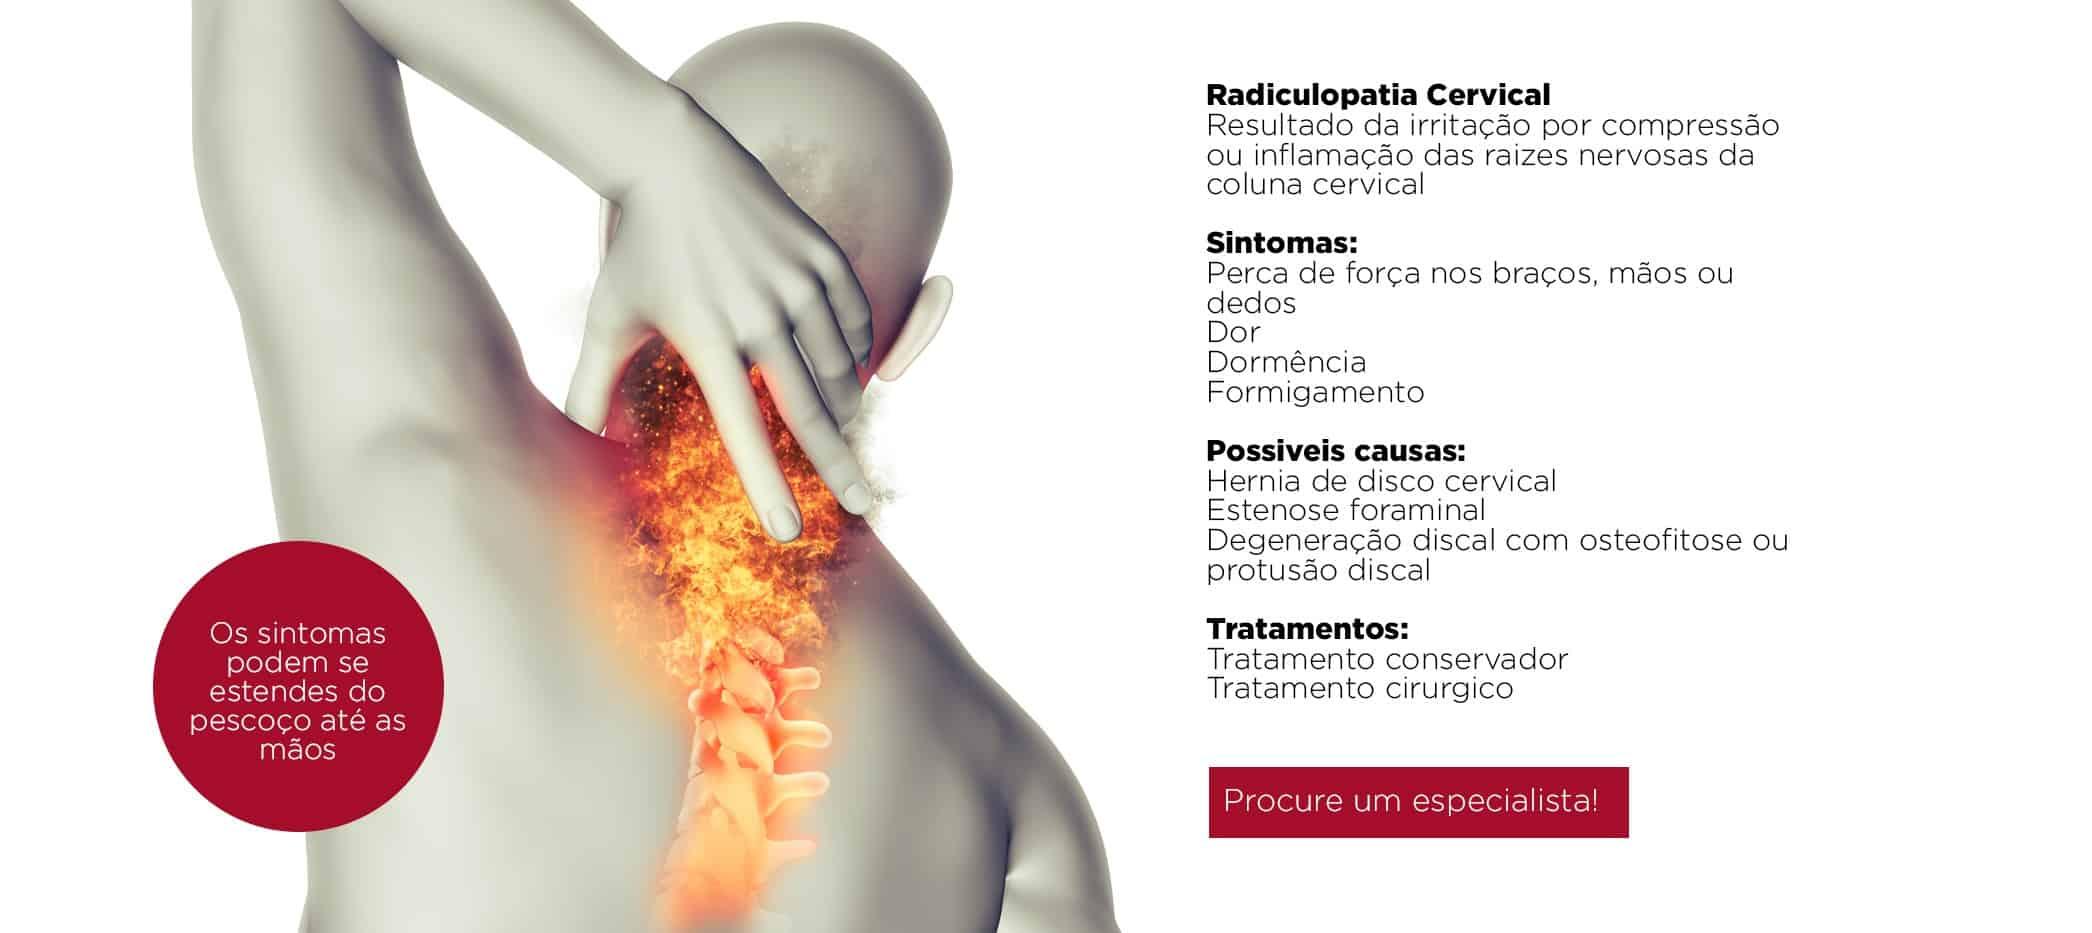 Os principais sintomas de hérnia de disco cervical são dor no pescoço, sensação de formigamento e de dormência, e fraqueza muscular.